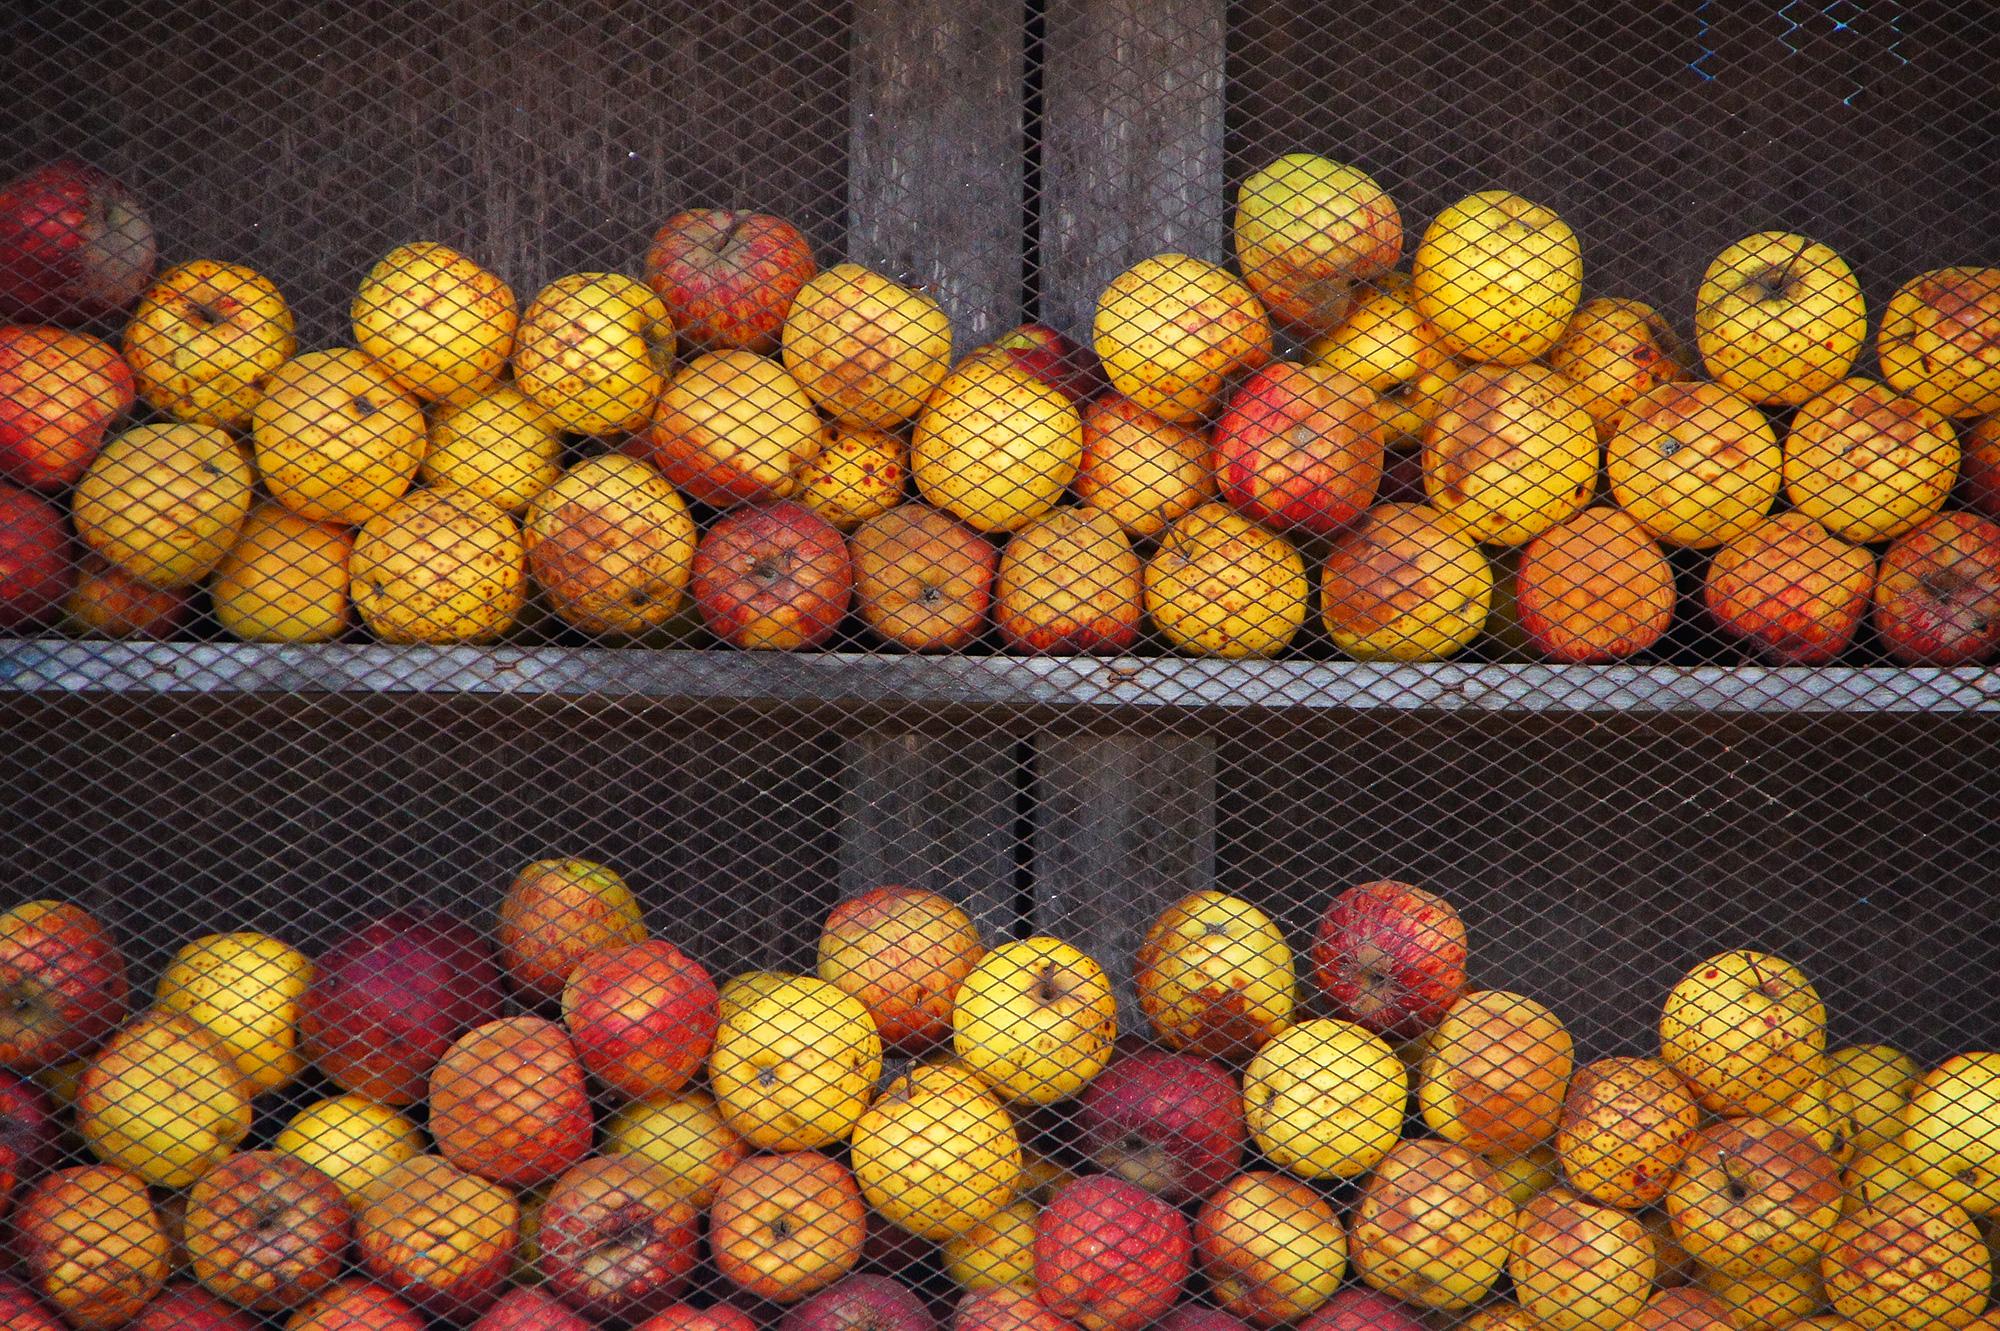 林檎のディスプレイの写真のフリー素材